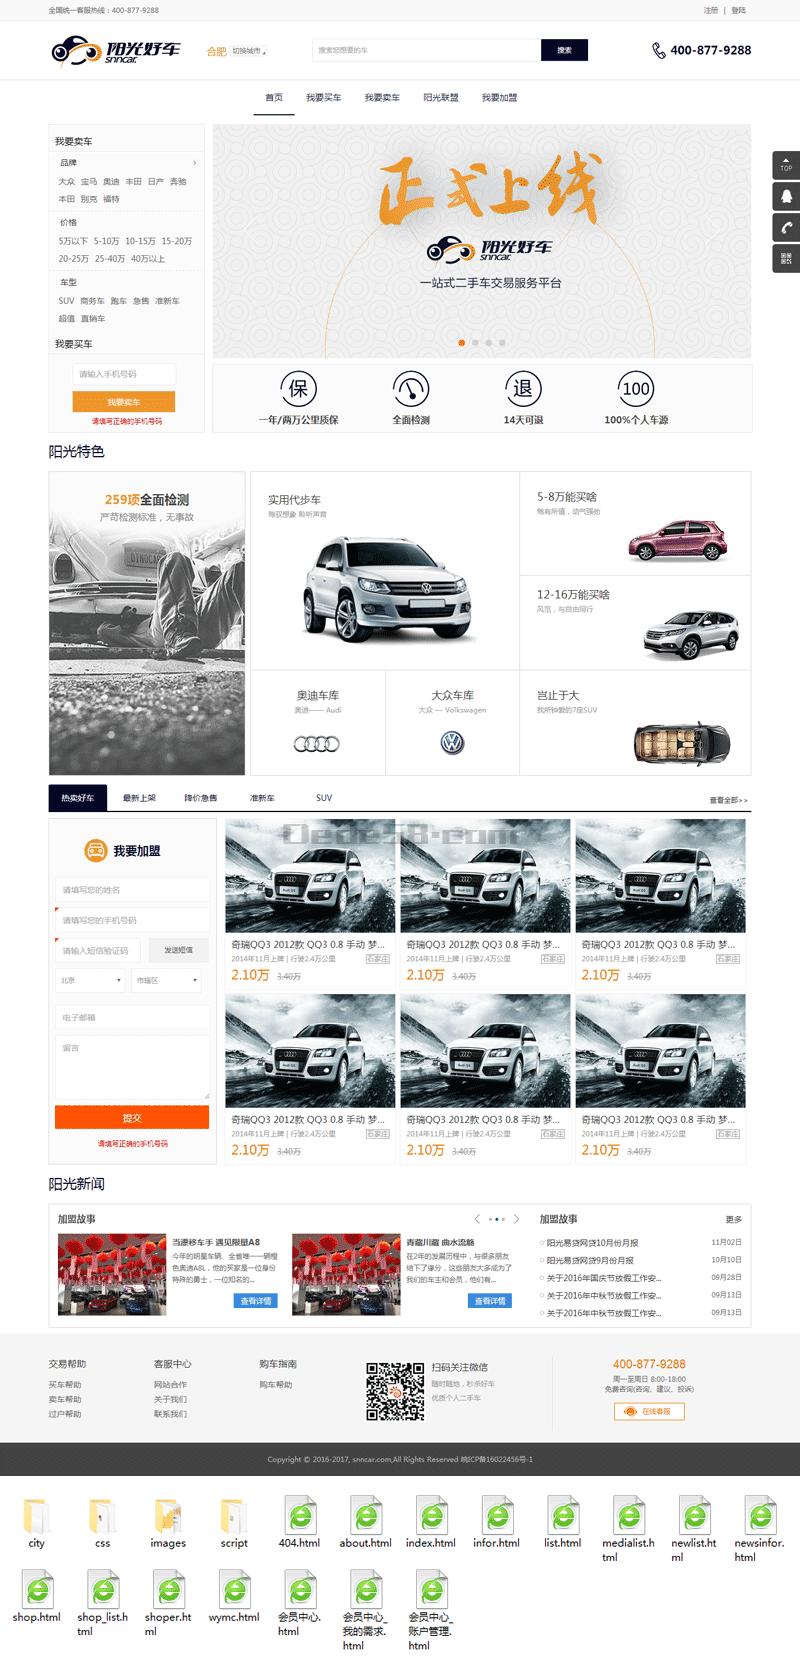 大气的二手车买卖交易平台网站模板html全套